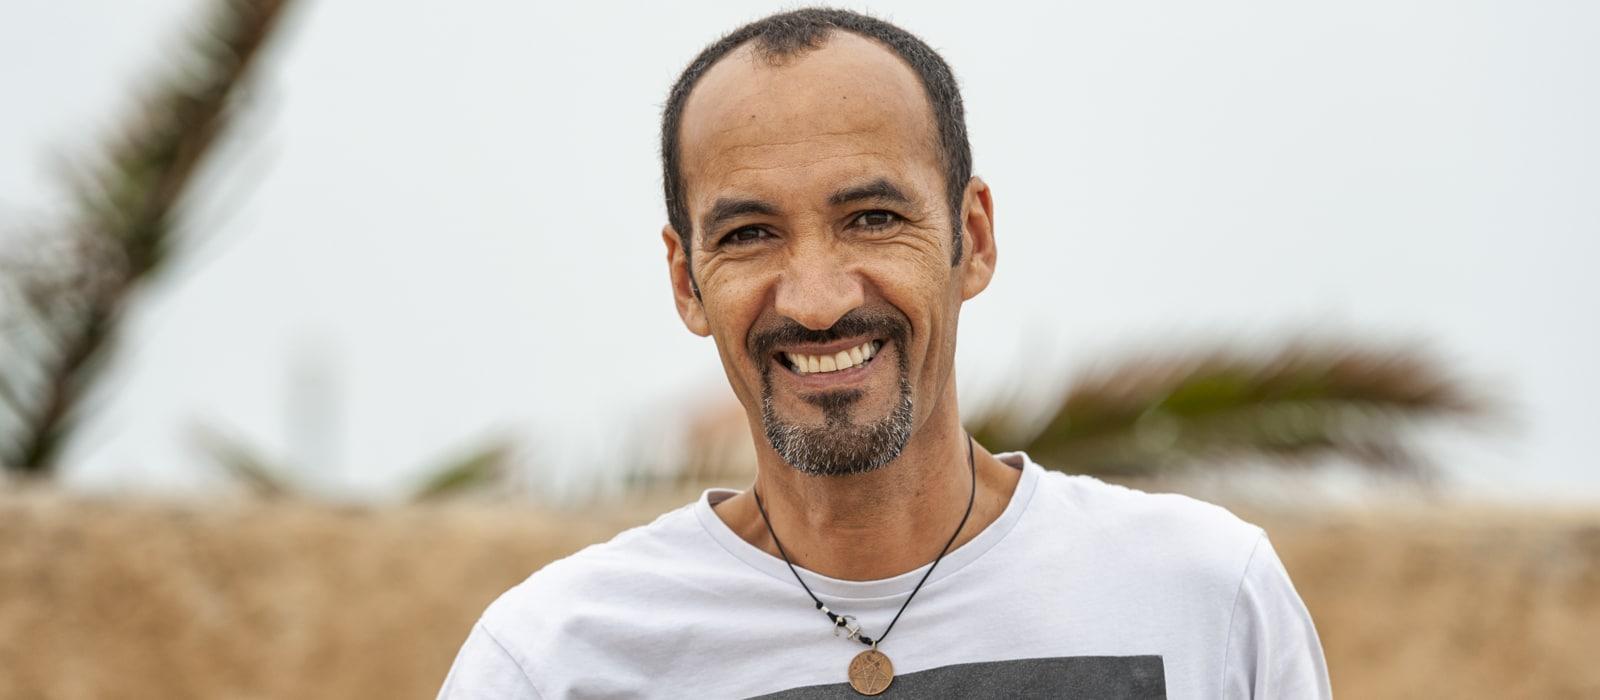 Voyage organisé en petit groupe - Karim El Rhanmi - Maroc - Agence de voyage Les Routes du Monde